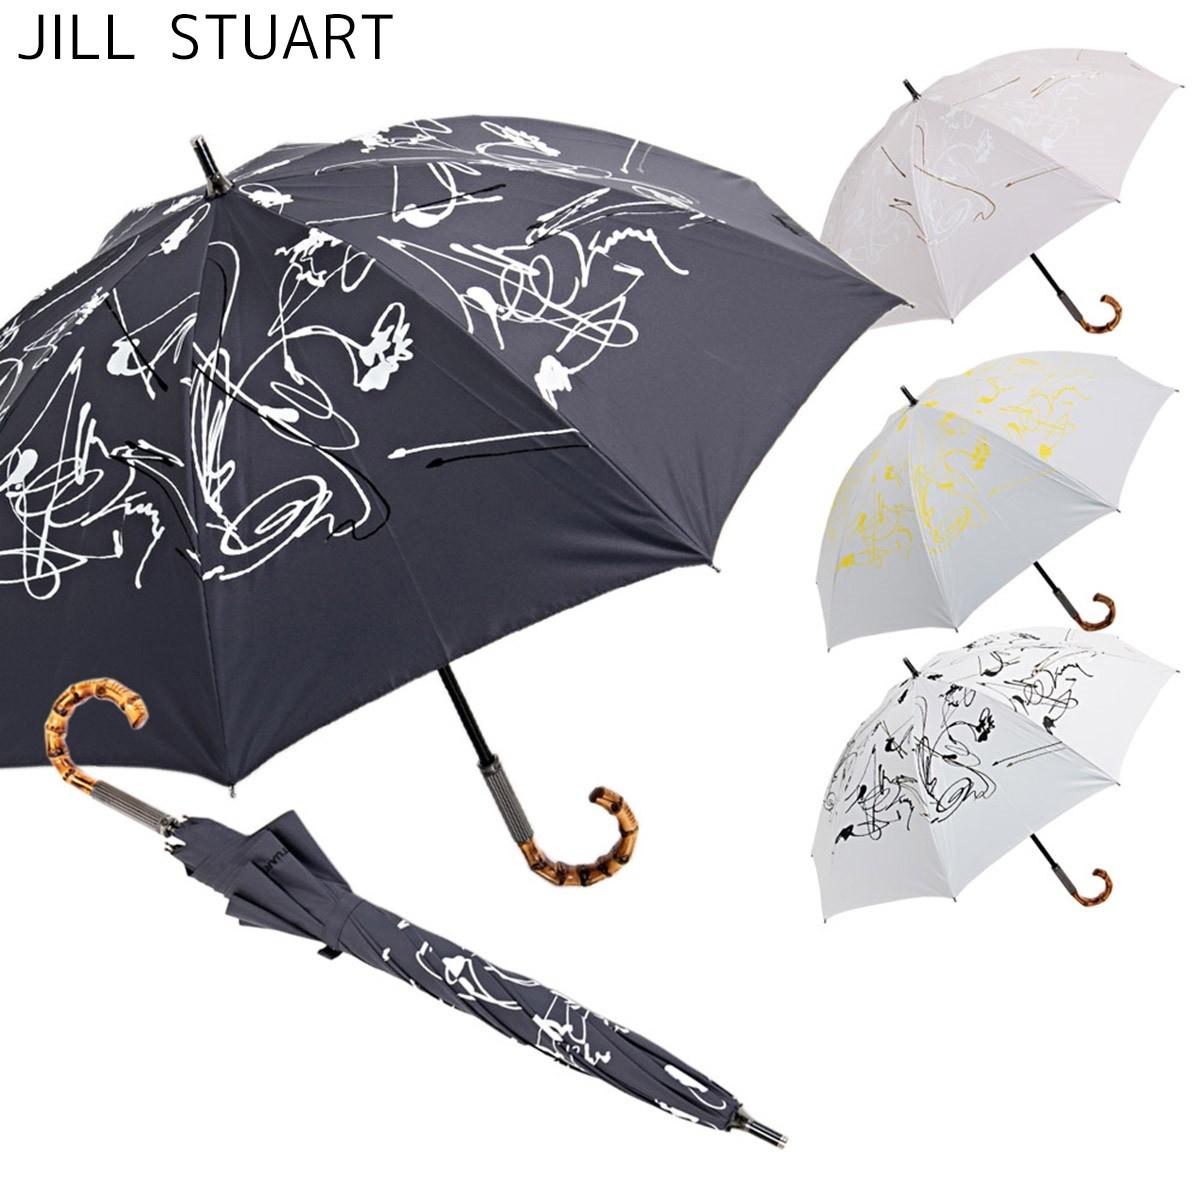 ジルスチュアート JILL STUART 晴雨兼用傘 オーロラ 1JI23033-33